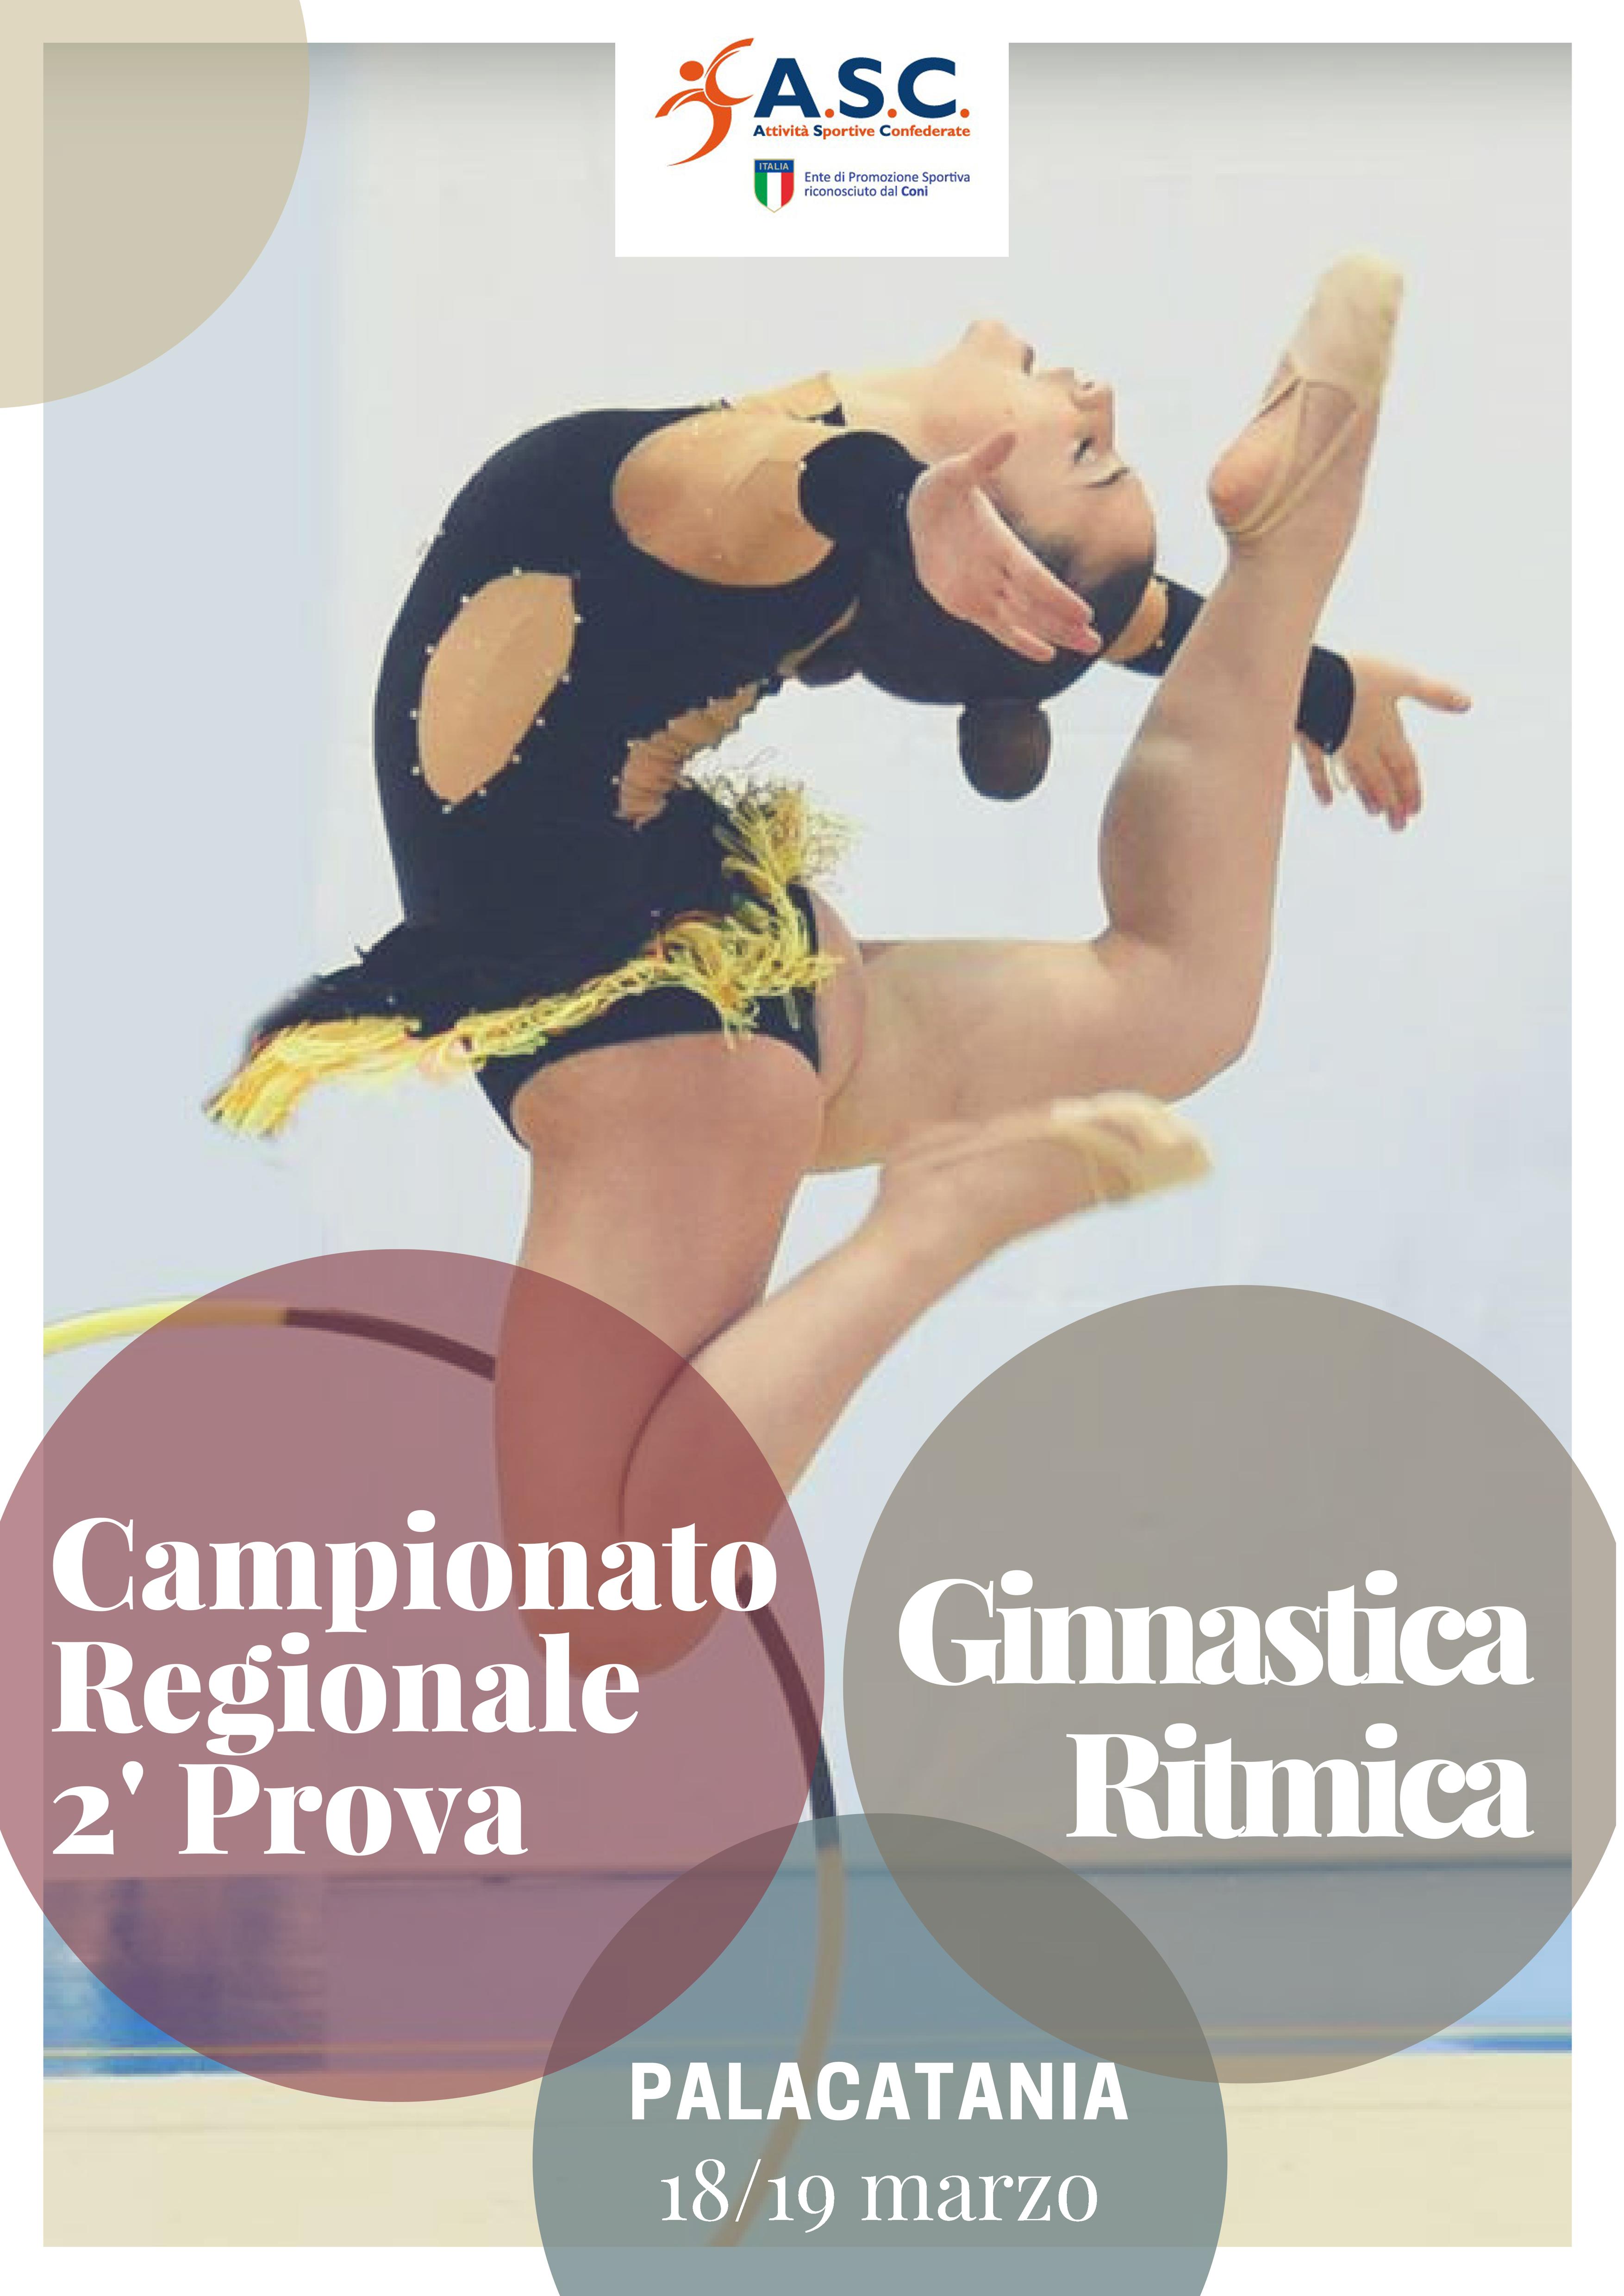 Campionato Regionale Ginnastica Ritmica 2  039  Prova